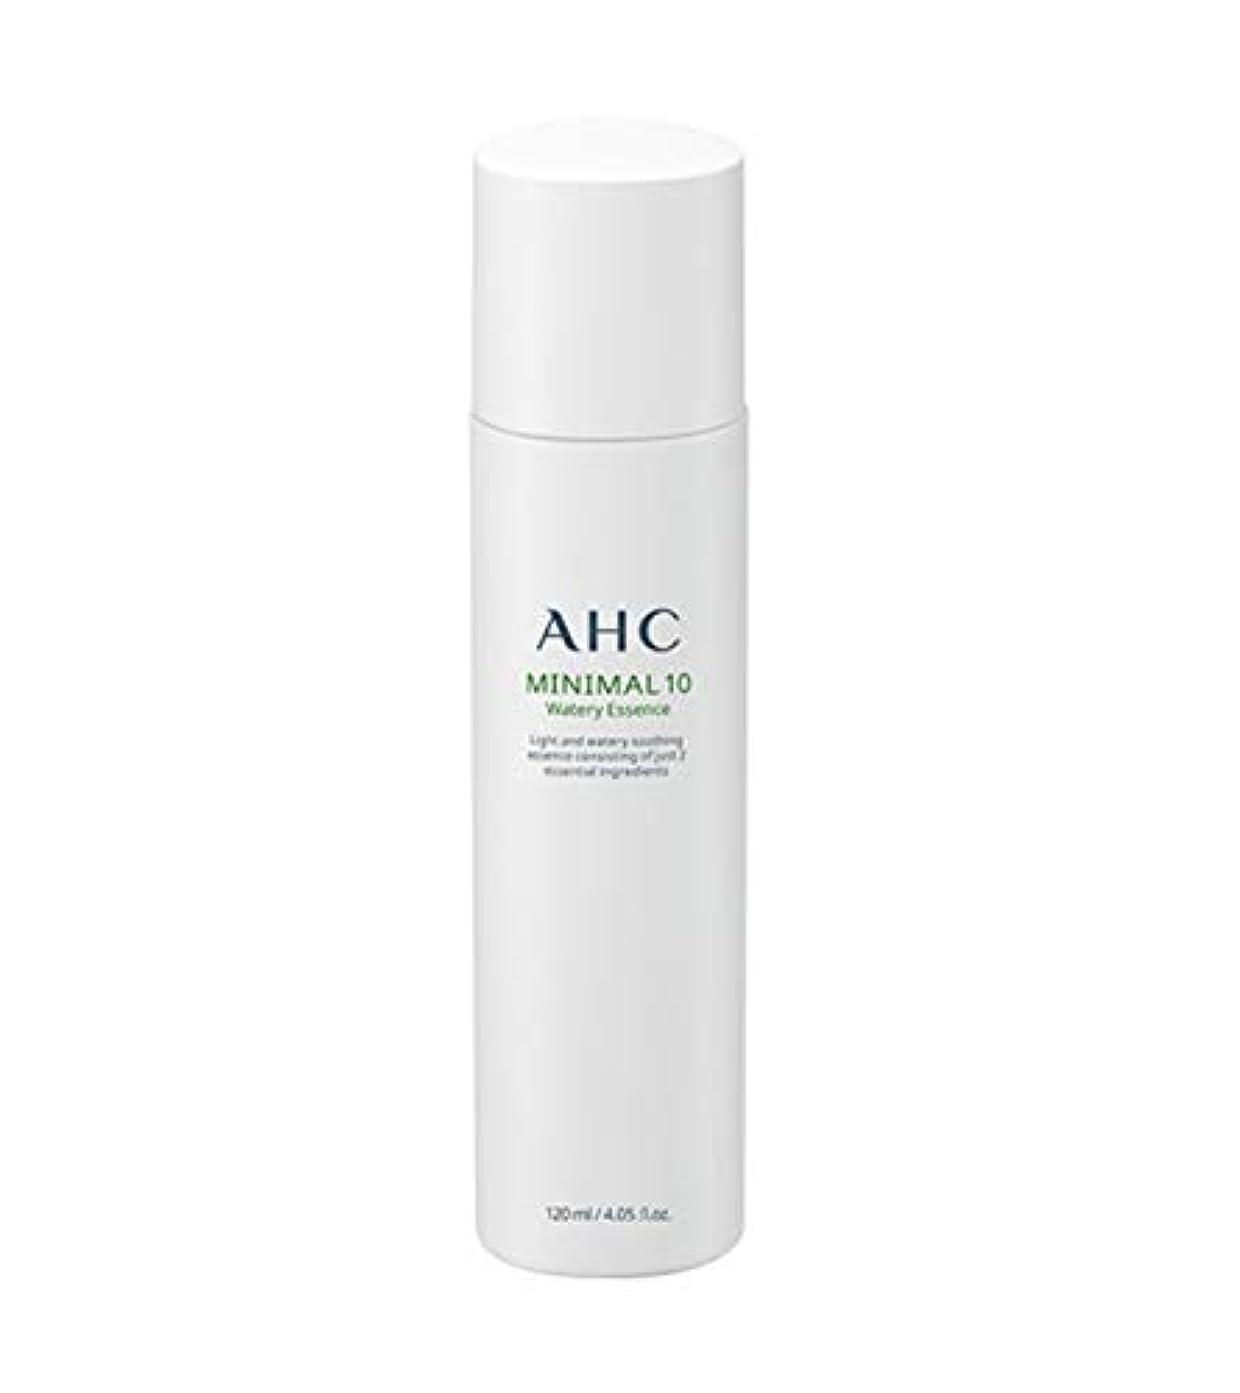 メディアわな習慣AHC ミニマル10ウォーターリーエッセンス 120ml / AHC MINIMAL 10 WATERY ESSENCE 120ml [並行輸入品]